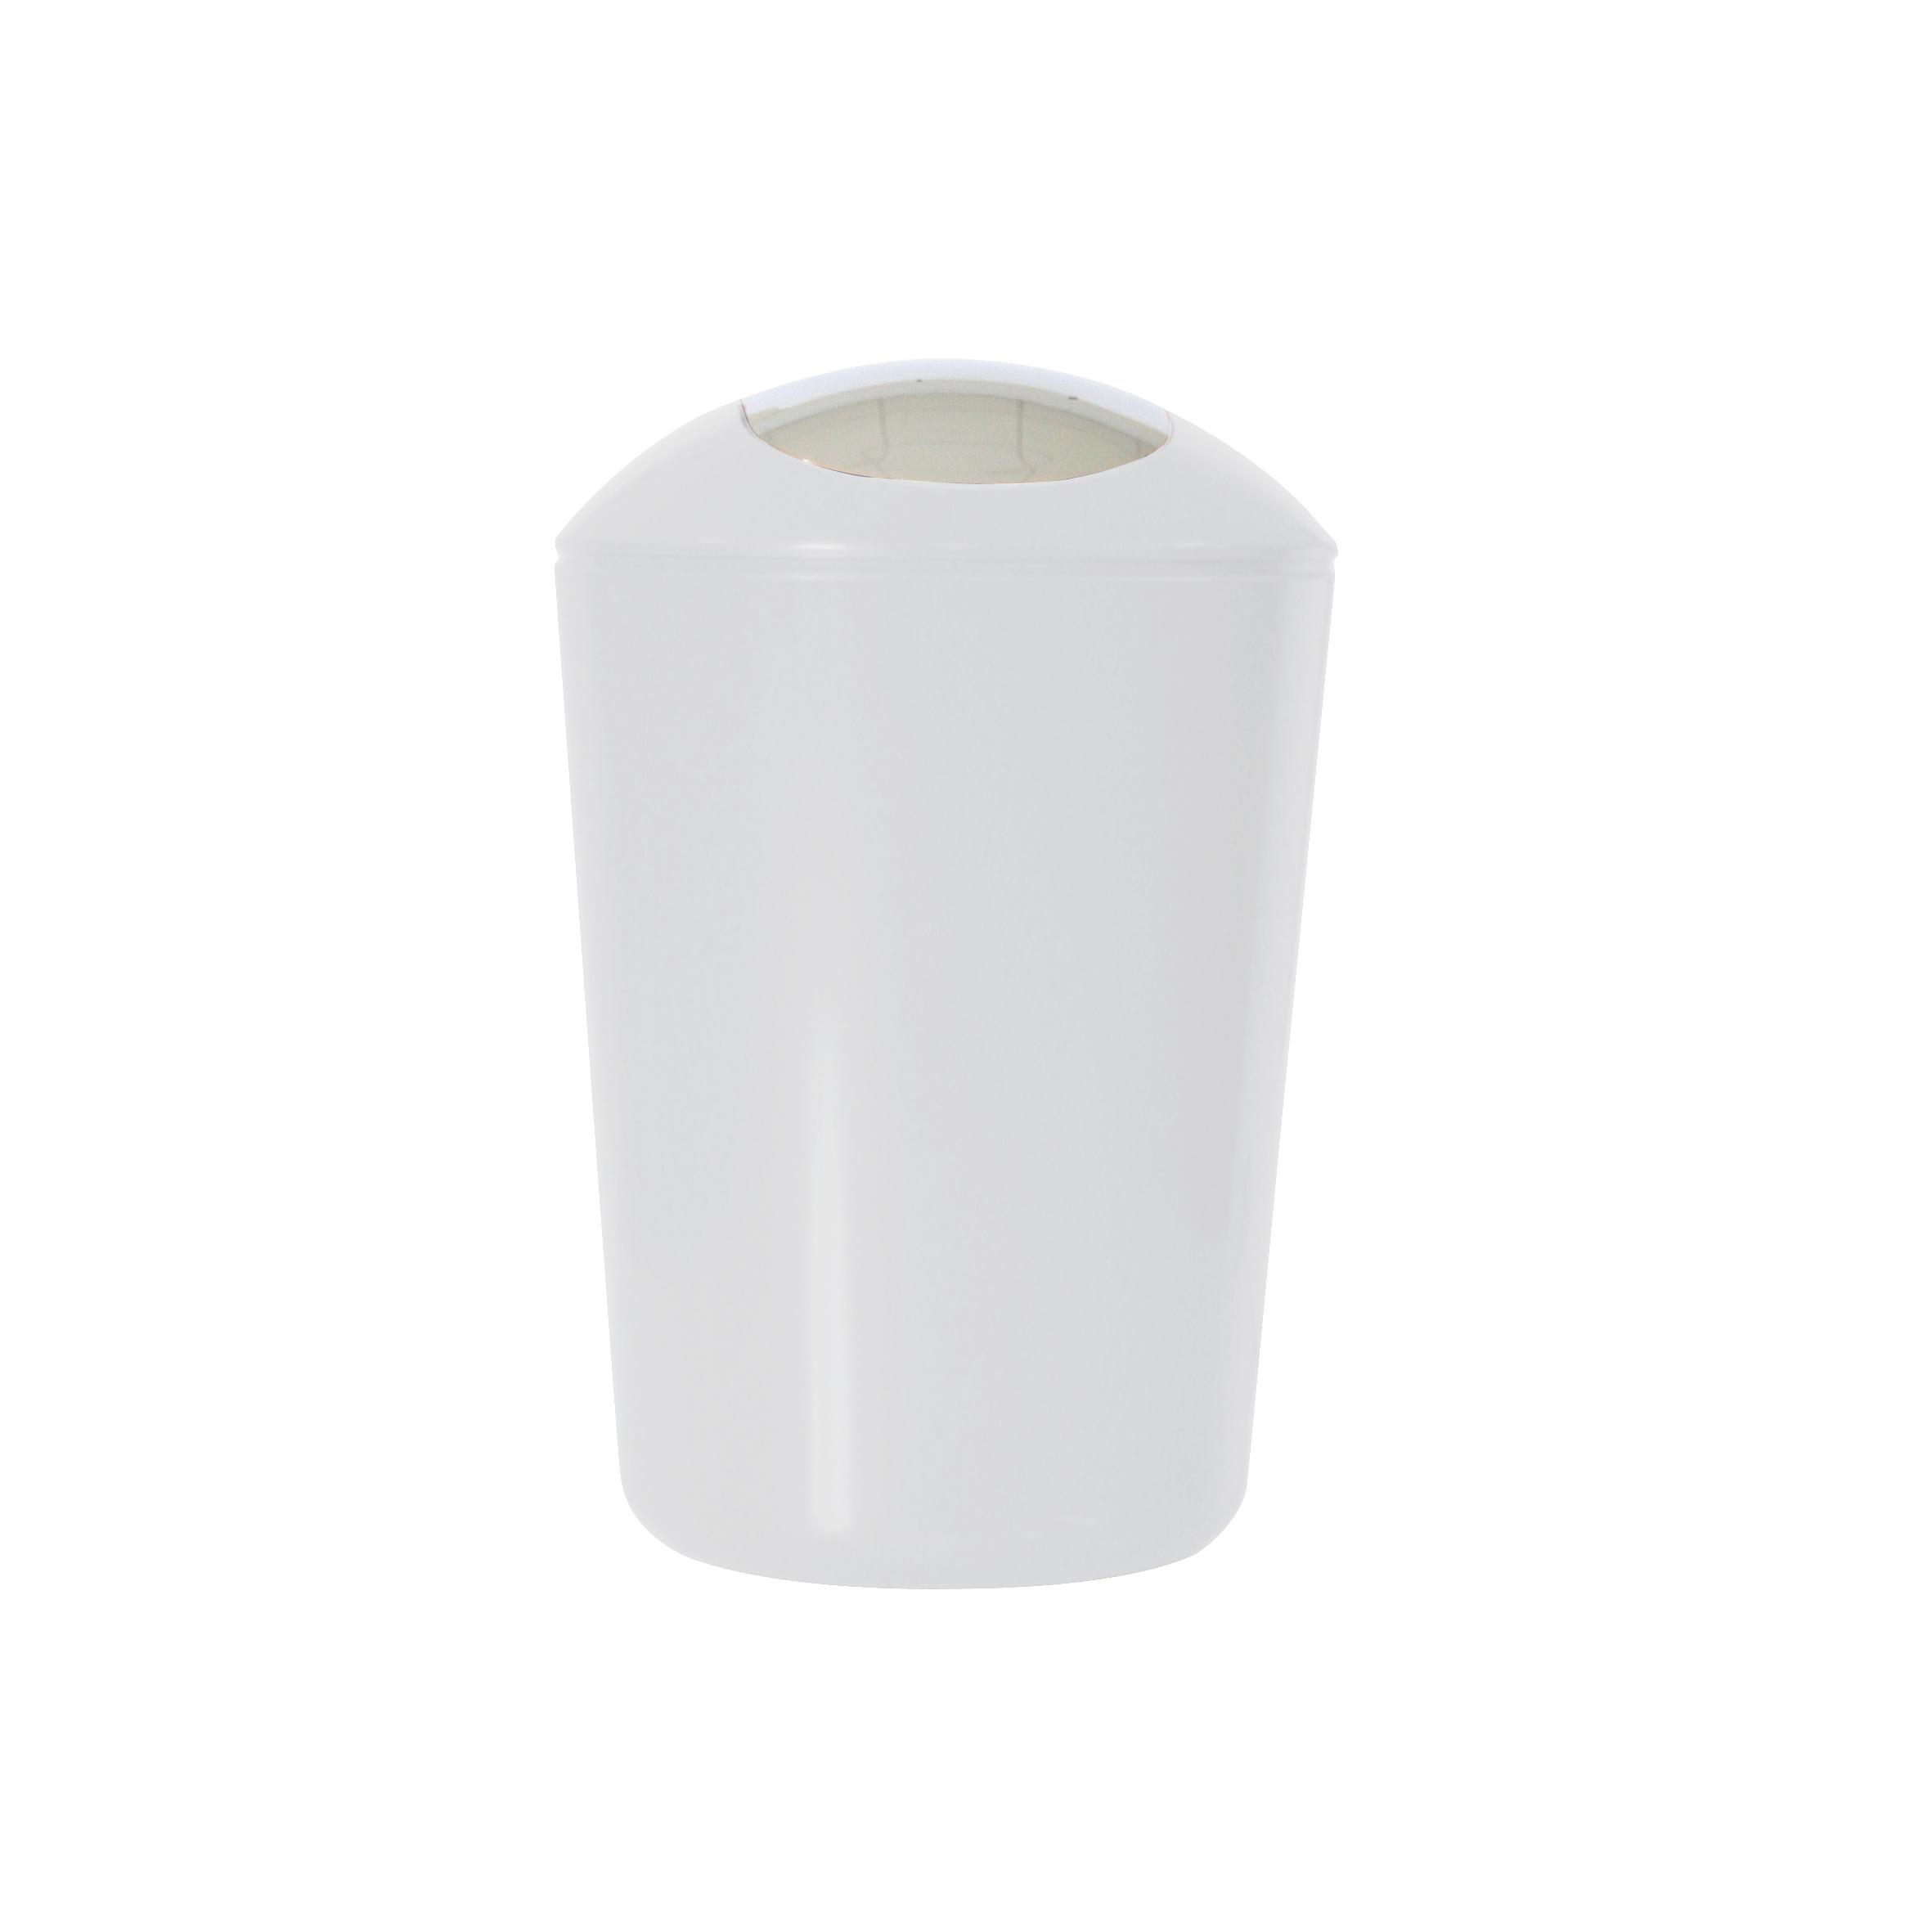 Ведро для мусора Axentia, с крышкой, цвет: белый, хром, 5 л251078Глянцевое ведро для мусора Axentia, выполненное из высококачественного износостойкого пластика, оснащено хромированную крышку типа качели. Подходит для использования в ванной комнате или на кухне. Стильный дизайн и яркая расцветка прекрасно подойдет для любого интерьера ванной комнаты или кухни. Размер ведра: 20 х 20 х 30 см.Объем ведра: 5 л.